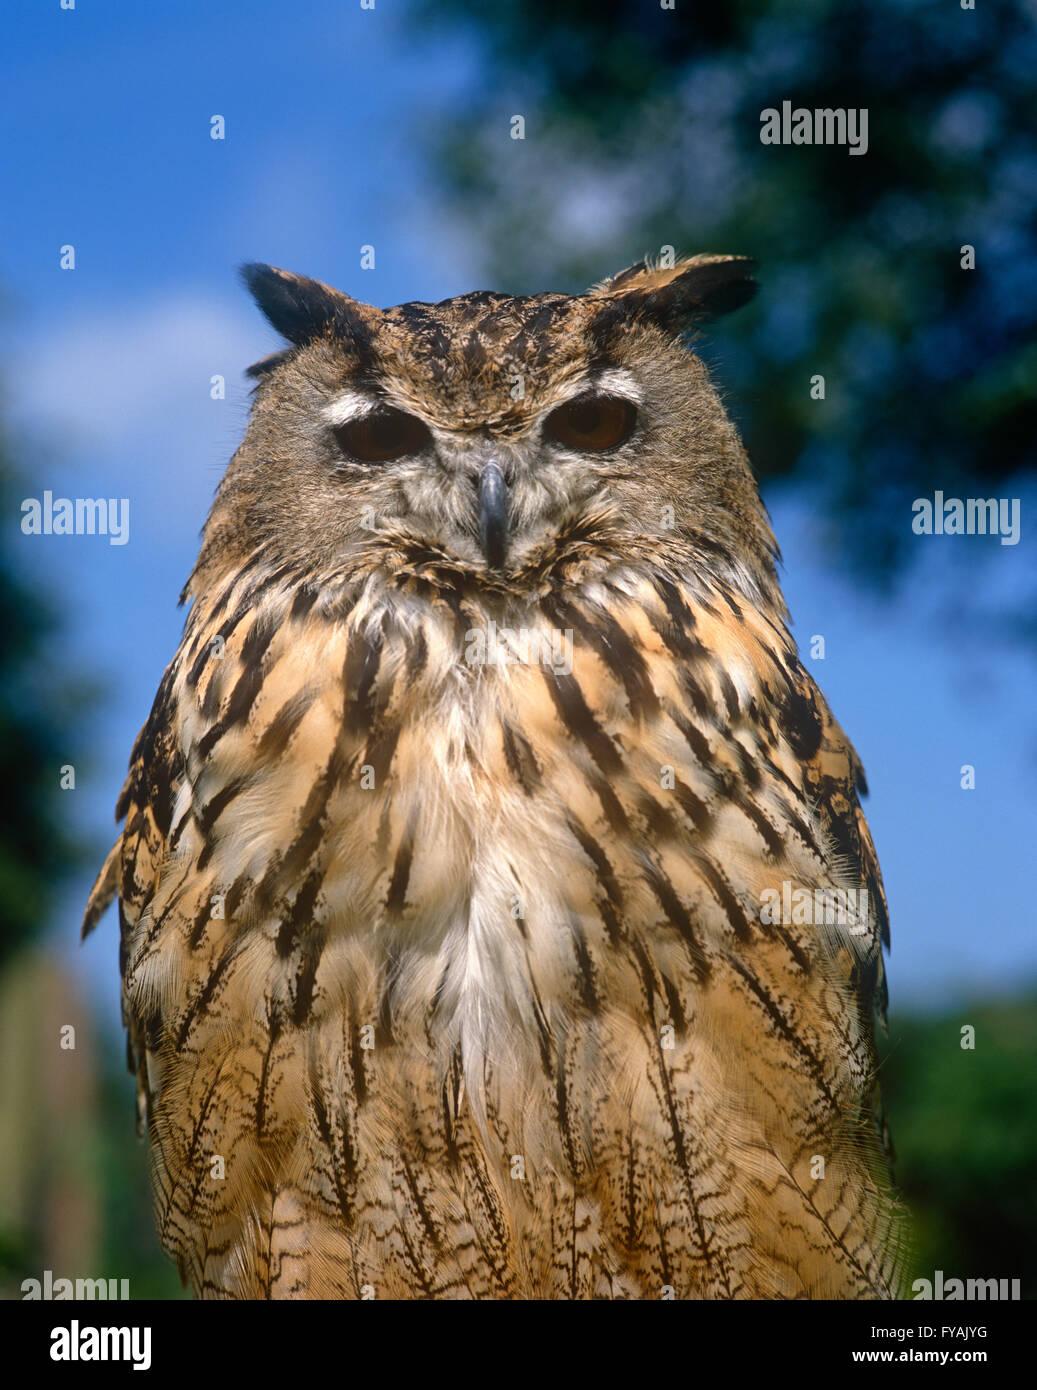 Owl fissando nella fotocamera, all'esterno. Immagini Stock